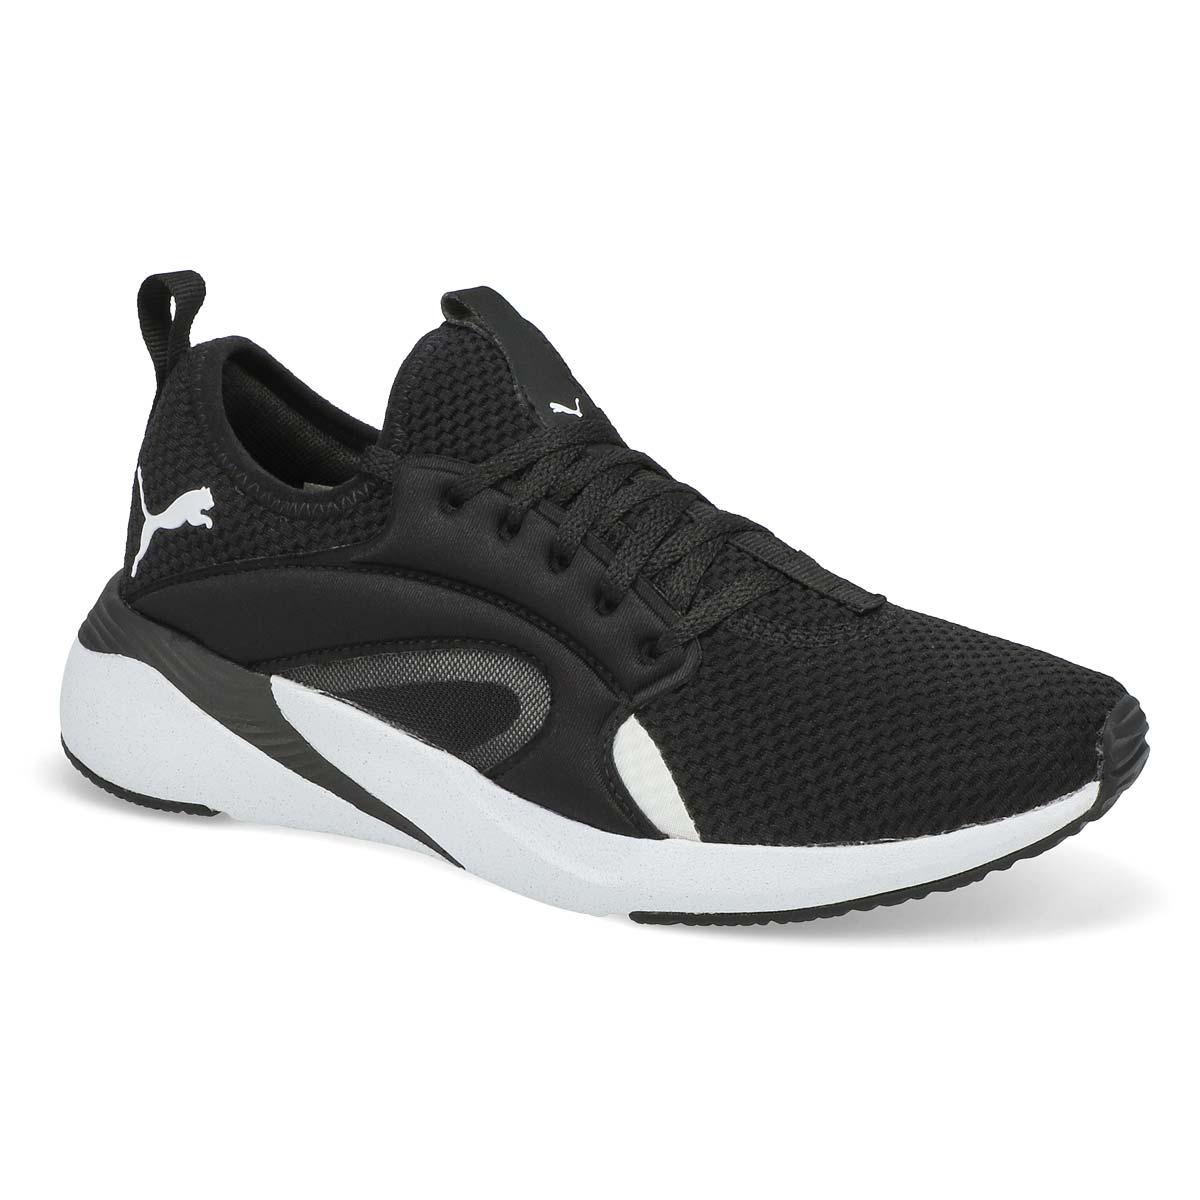 Women's Better Foam Adore Sneaker - Black/White